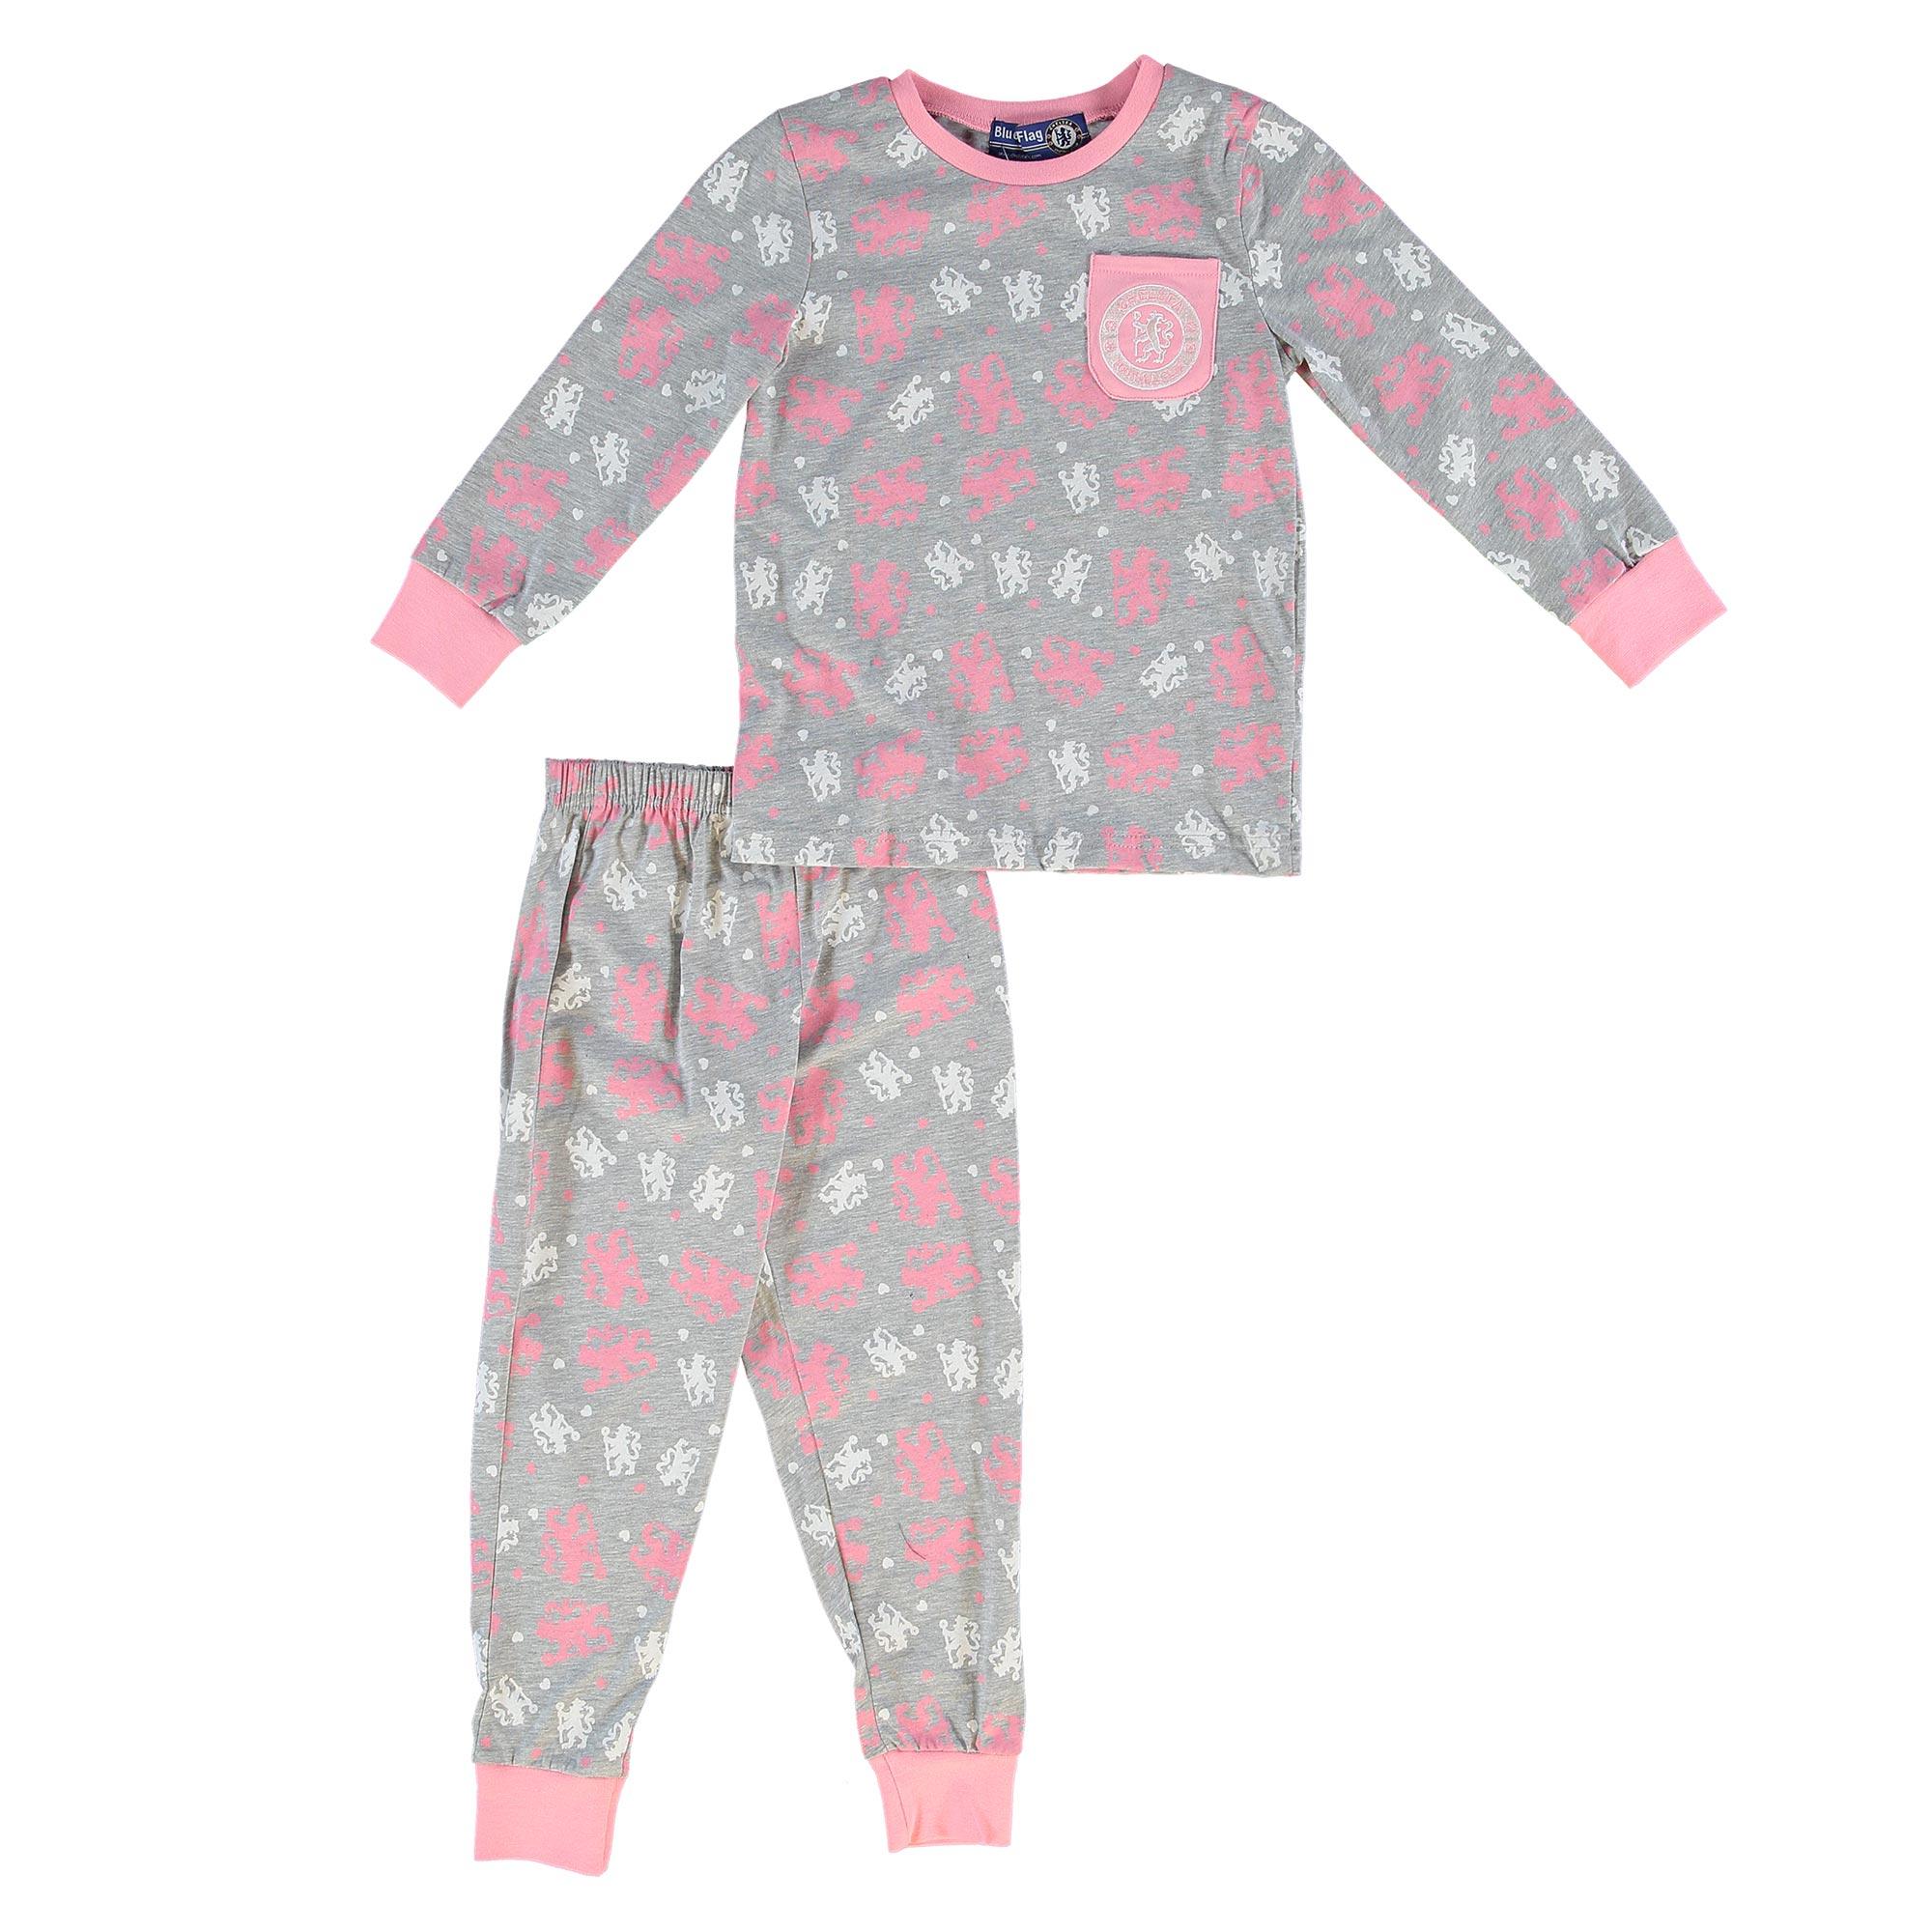 Chelsea Lion Logo Snuggle Fit Pyjamas - Grey Marl/Pale Pink - Infant G